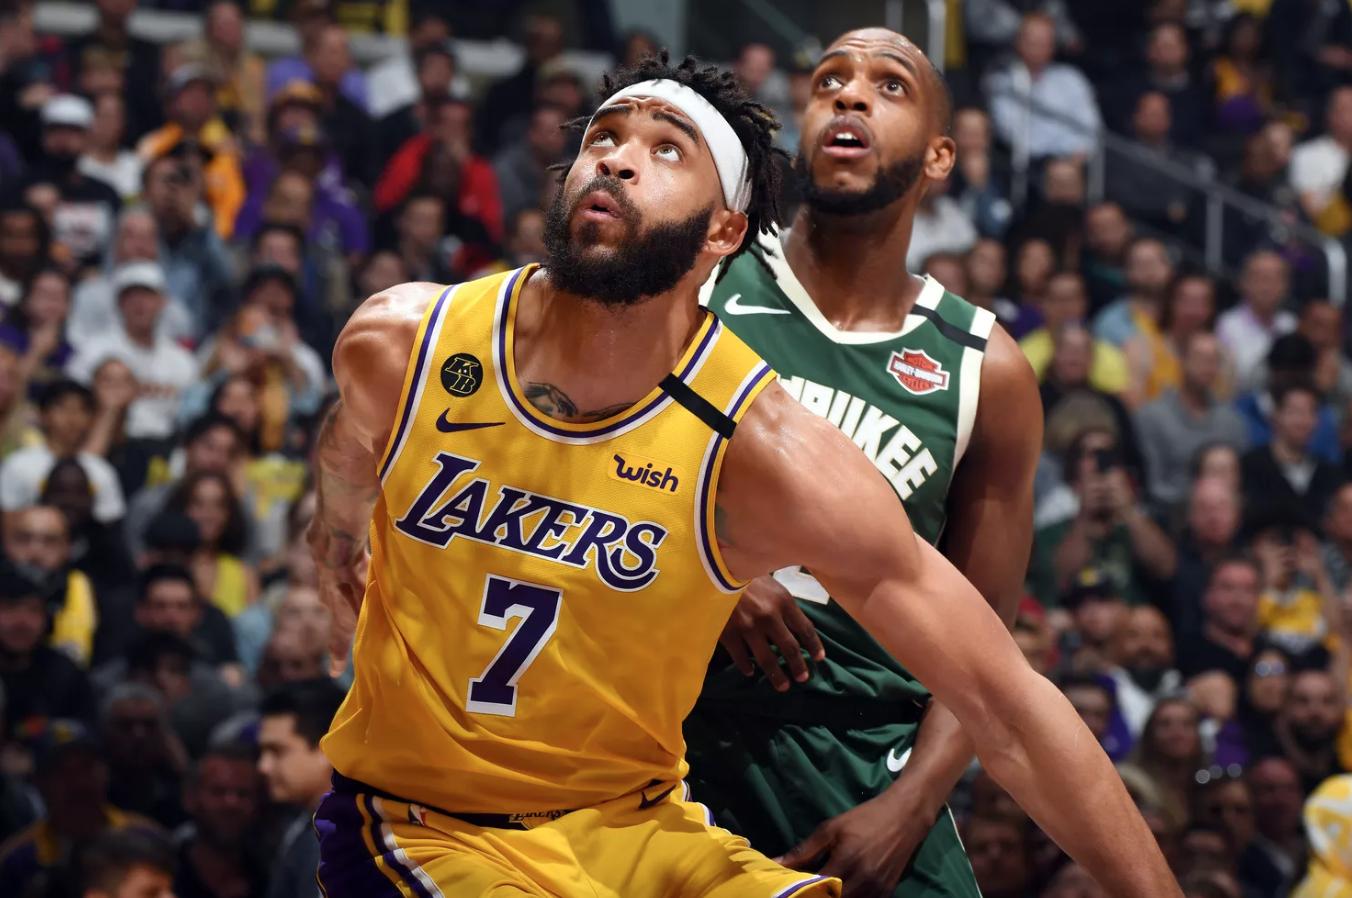 麦基:我以为当我们打篮球时,我们的发声更有重量